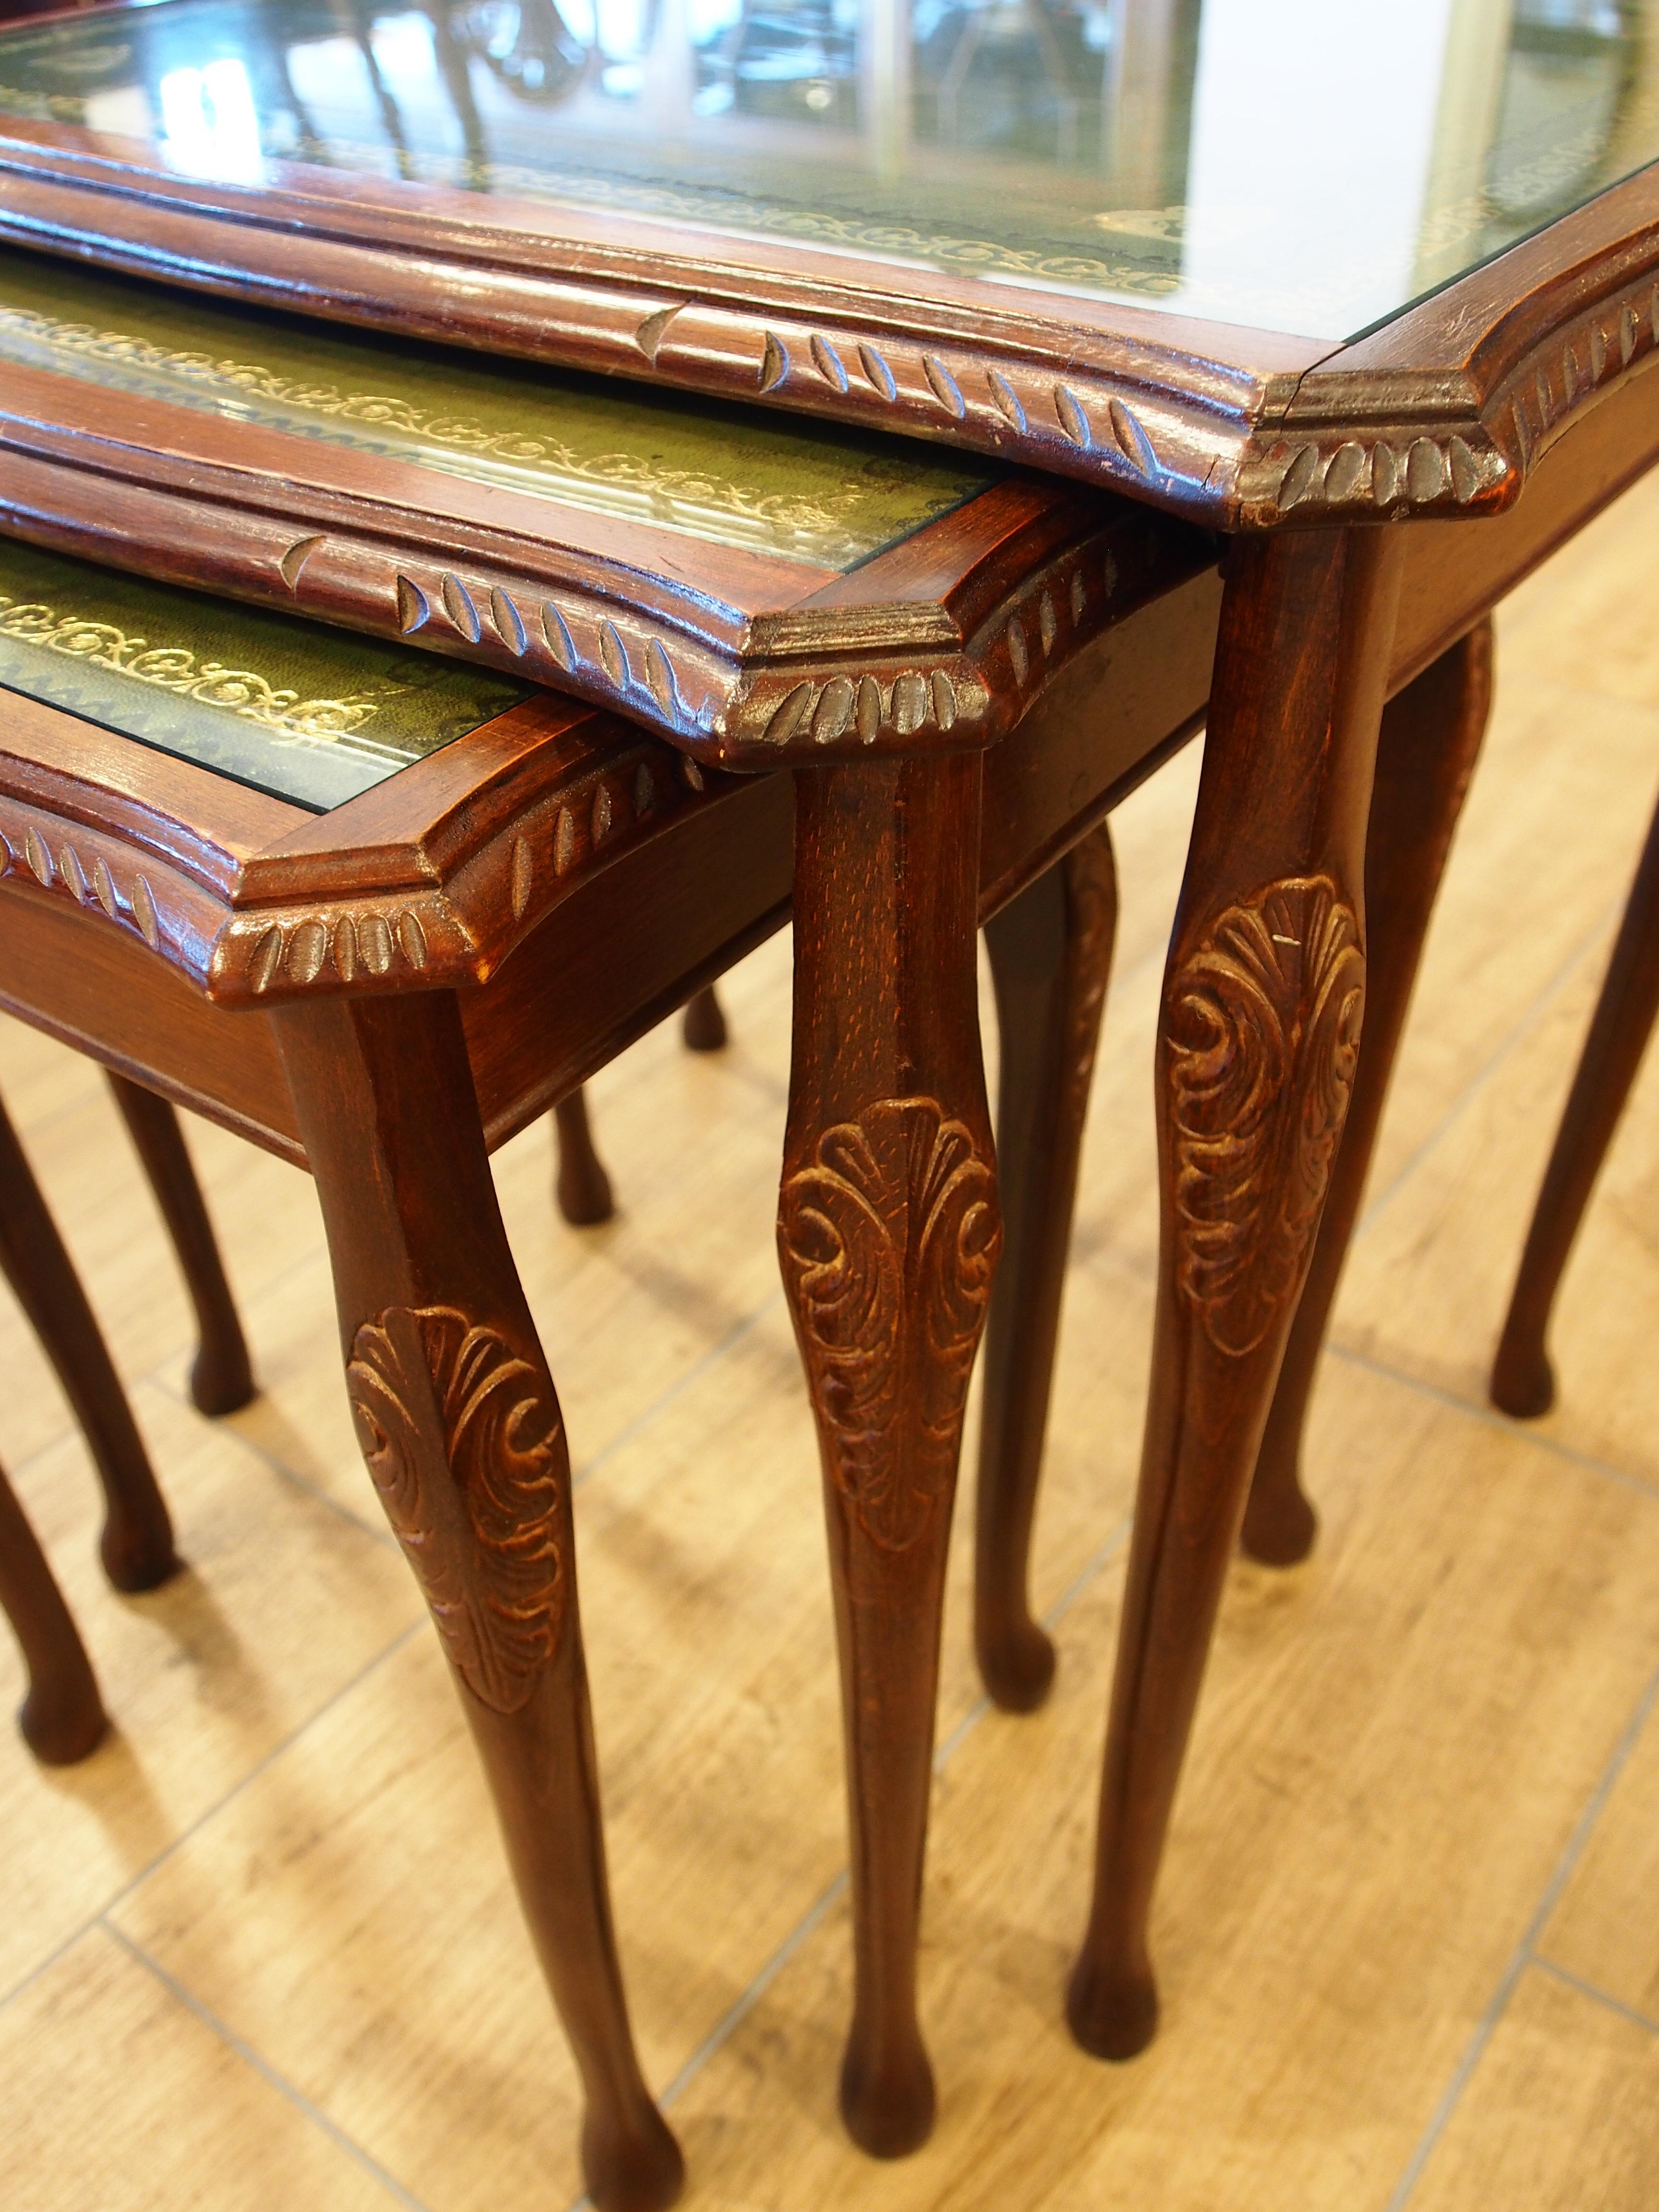 アンティーク家具 箕面 ネストテーブル サイドテーブル コーヒーテーブル ウォールナット ヴィンテージ家具  ビンテージ家具 イギリスアンティーク家具